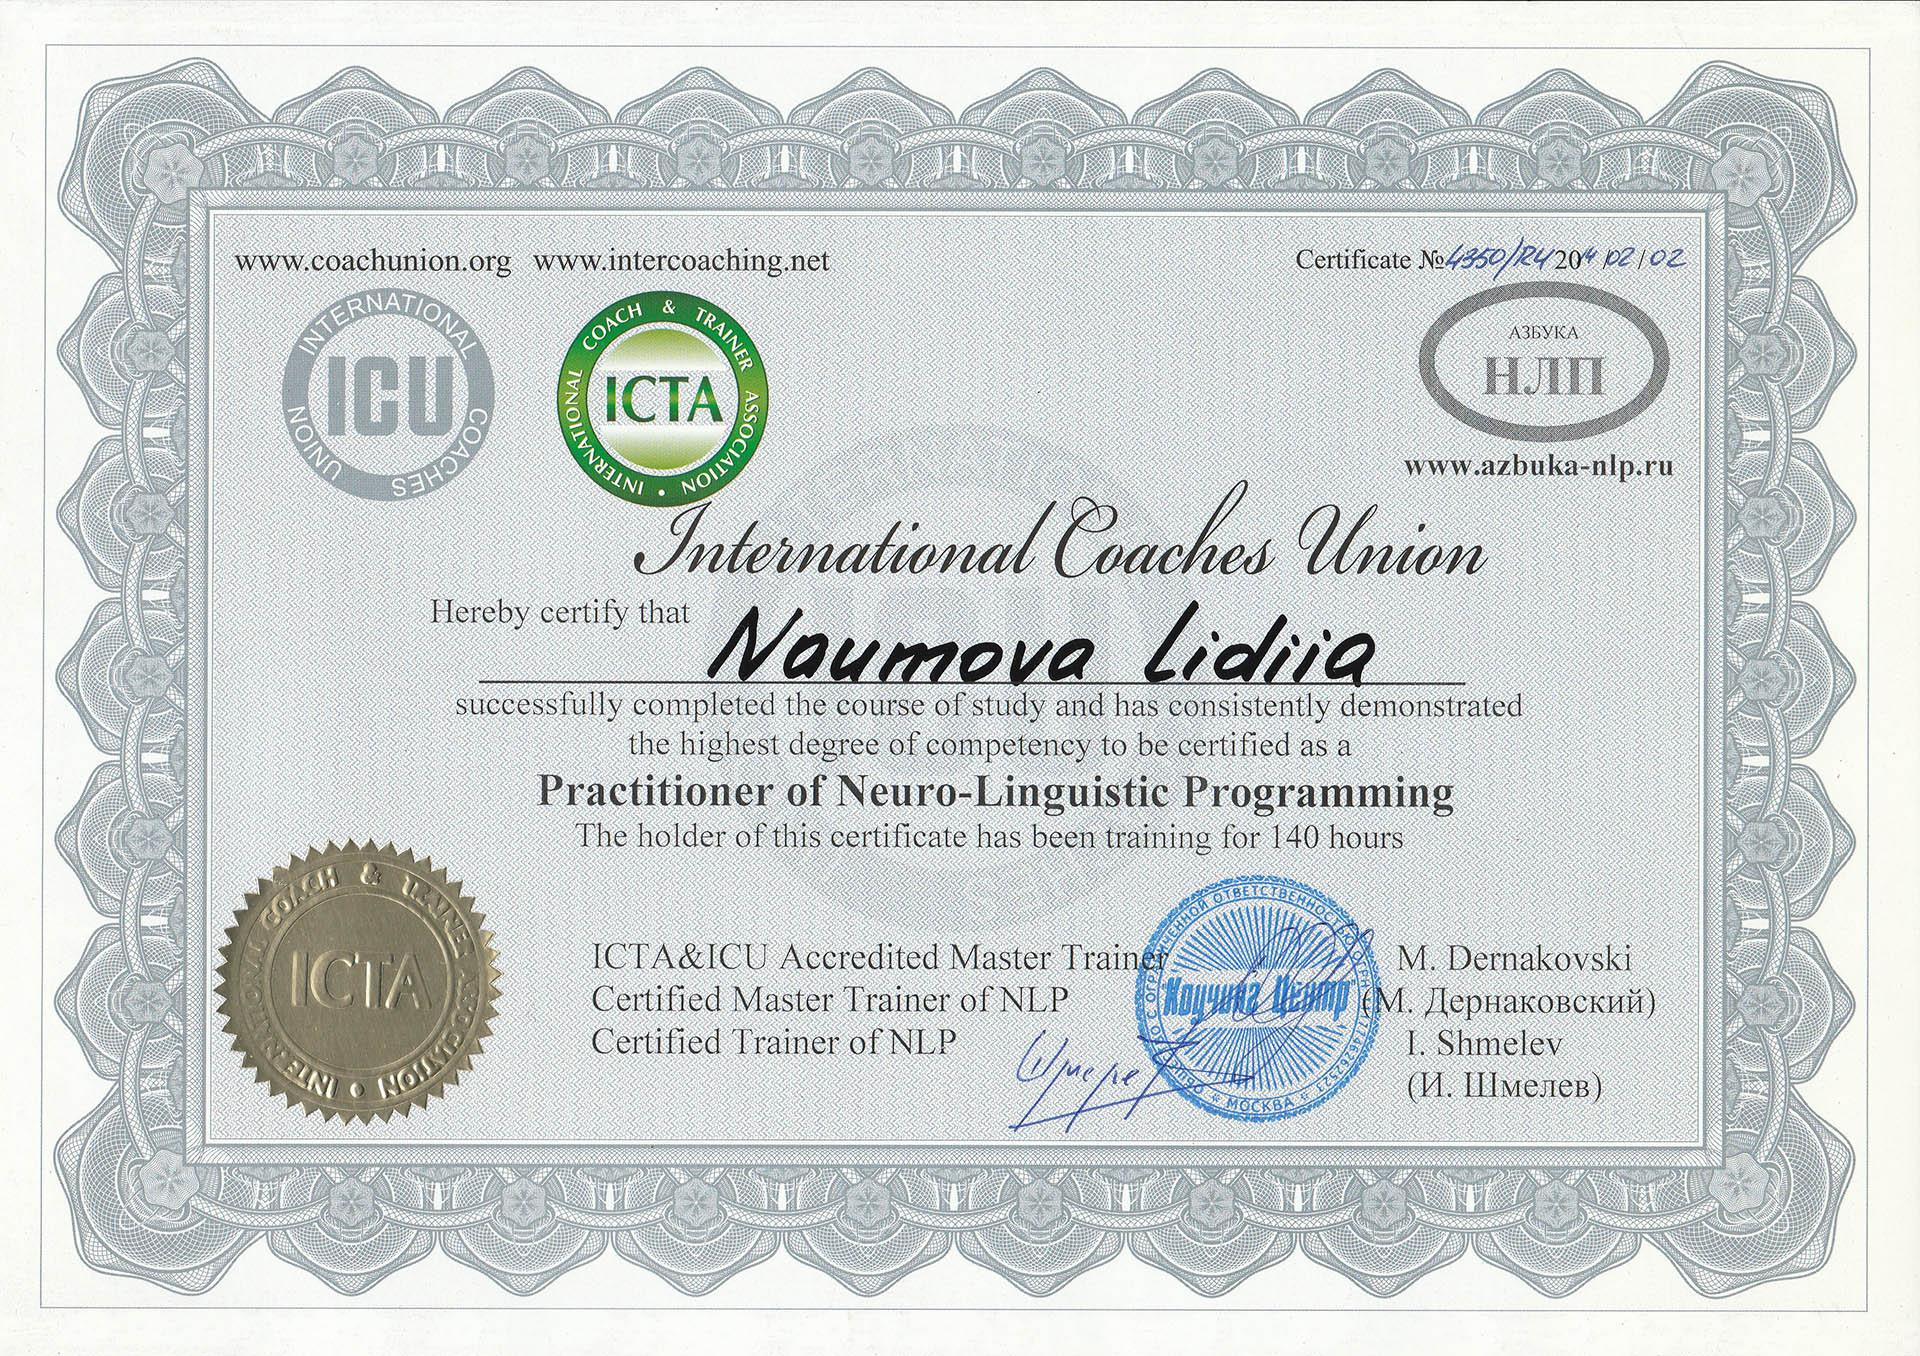 Наумова Лидия Сертификат  ICU ICTA